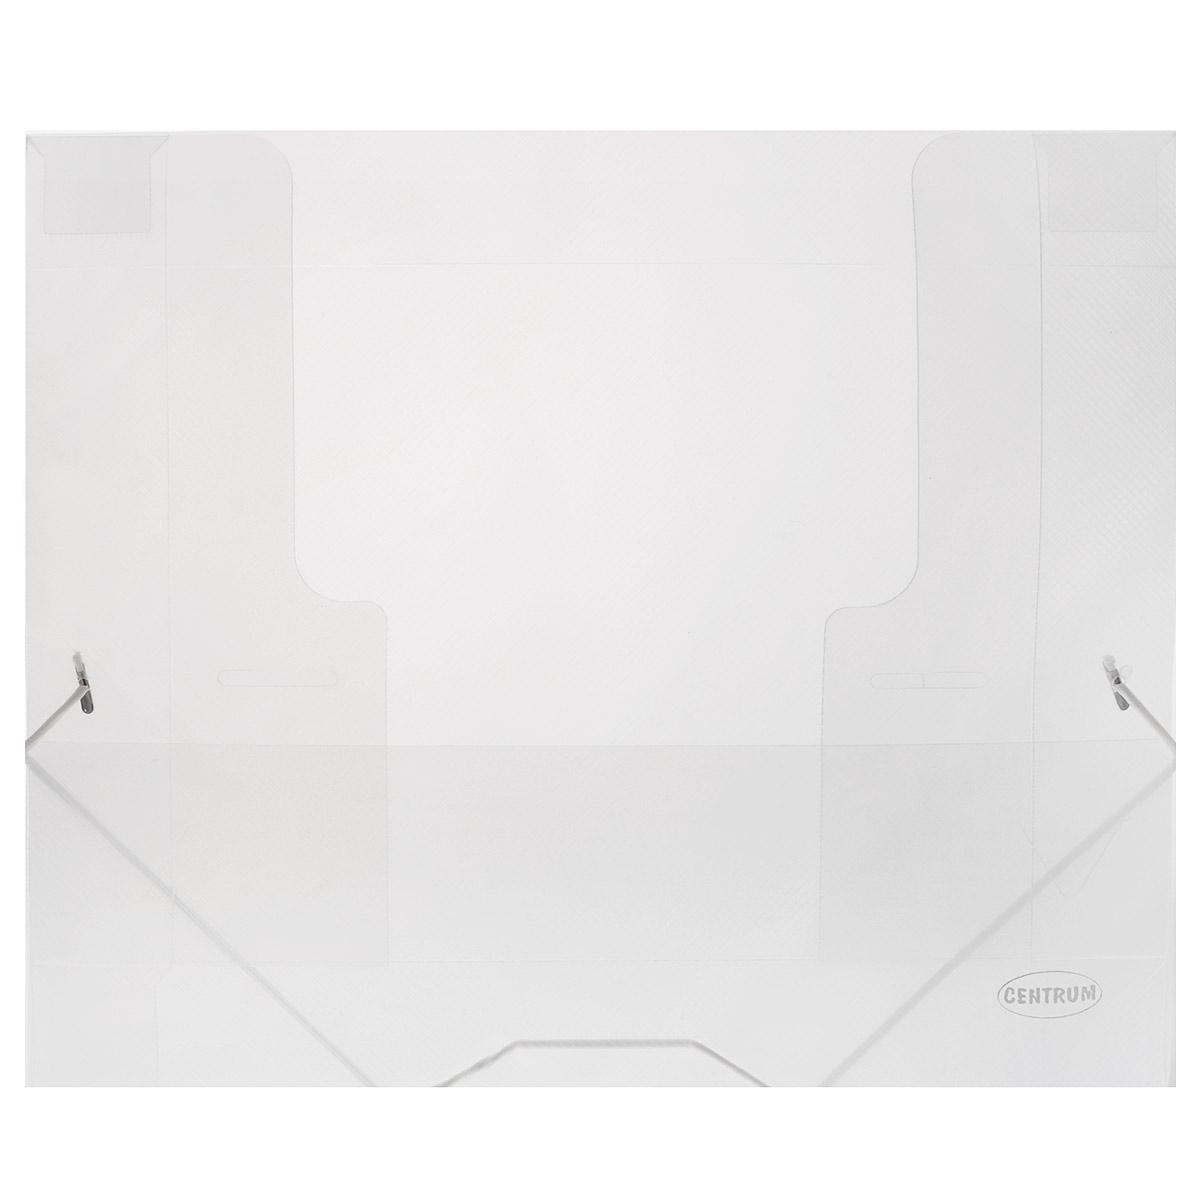 Папка на резинках Centrum пластиковая, формат А4, цвет: прозрачныйFS-36052Папка на резинке Centrum станет вашим верным помощником дома и в офисе. Это удобный и функциональный инструмент, предназначенный для хранения и транспортировки больших объемов рабочих бумаг и документов формата А4.Она изготовлена из износостойкого высококачественного пластика. Папка - это незаменимый атрибут для любого студента, школьника или офисного работника. Такая папка надежно сохранит ваши бумаги и сбережет их от повреждений, пыли и влаги.